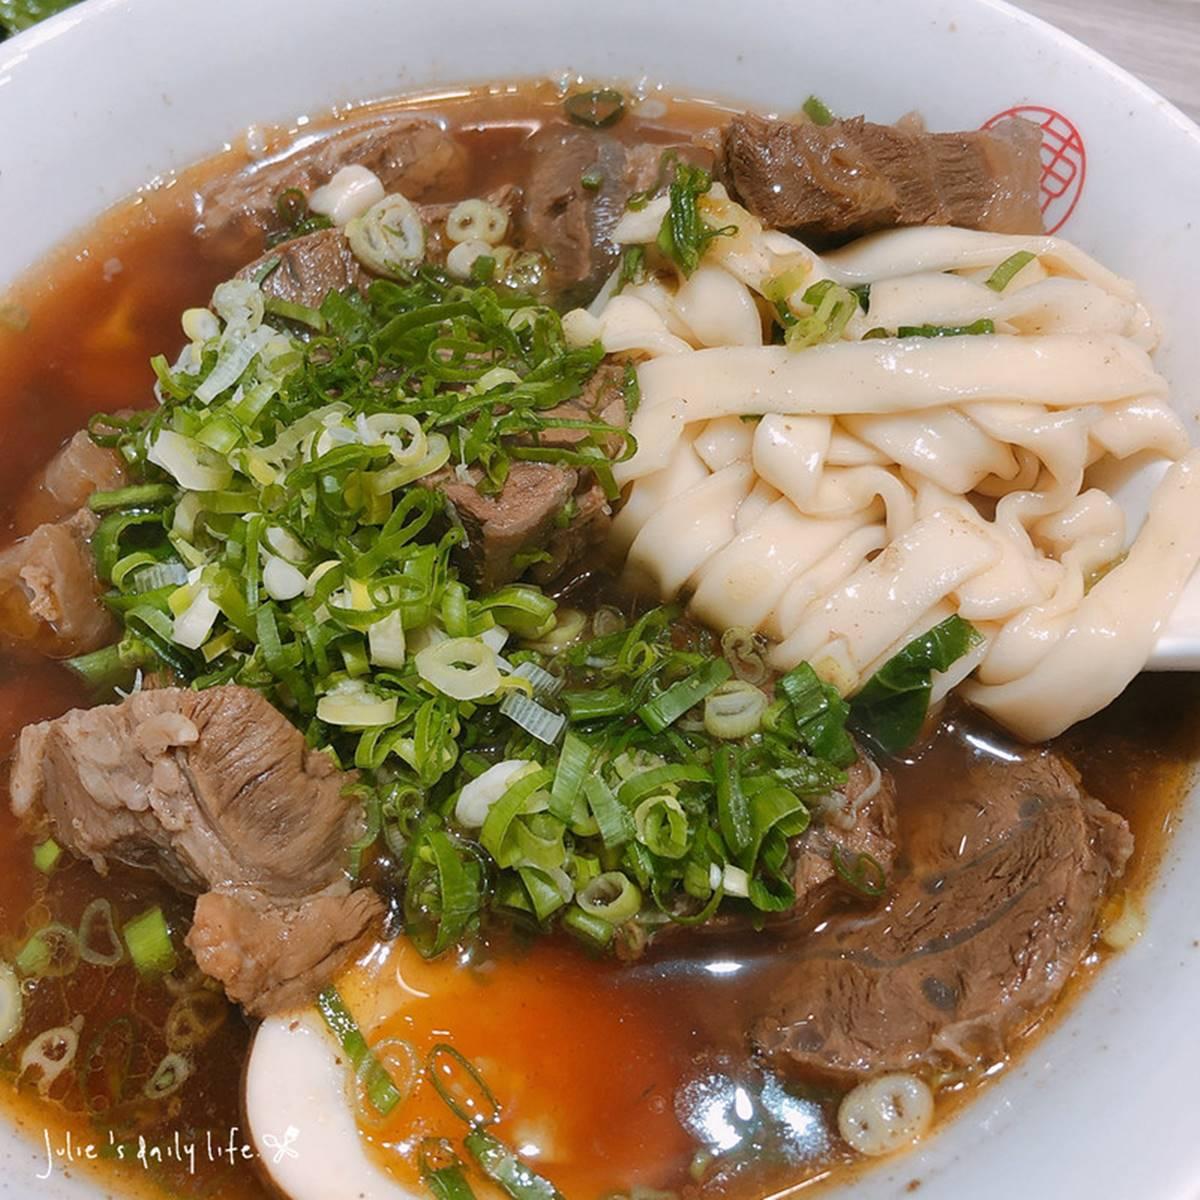 肉塊鋪滿碗!板橋文青系牛肉麵客滿也要吃,招牌豬油拌飯攪蛋黃飄香